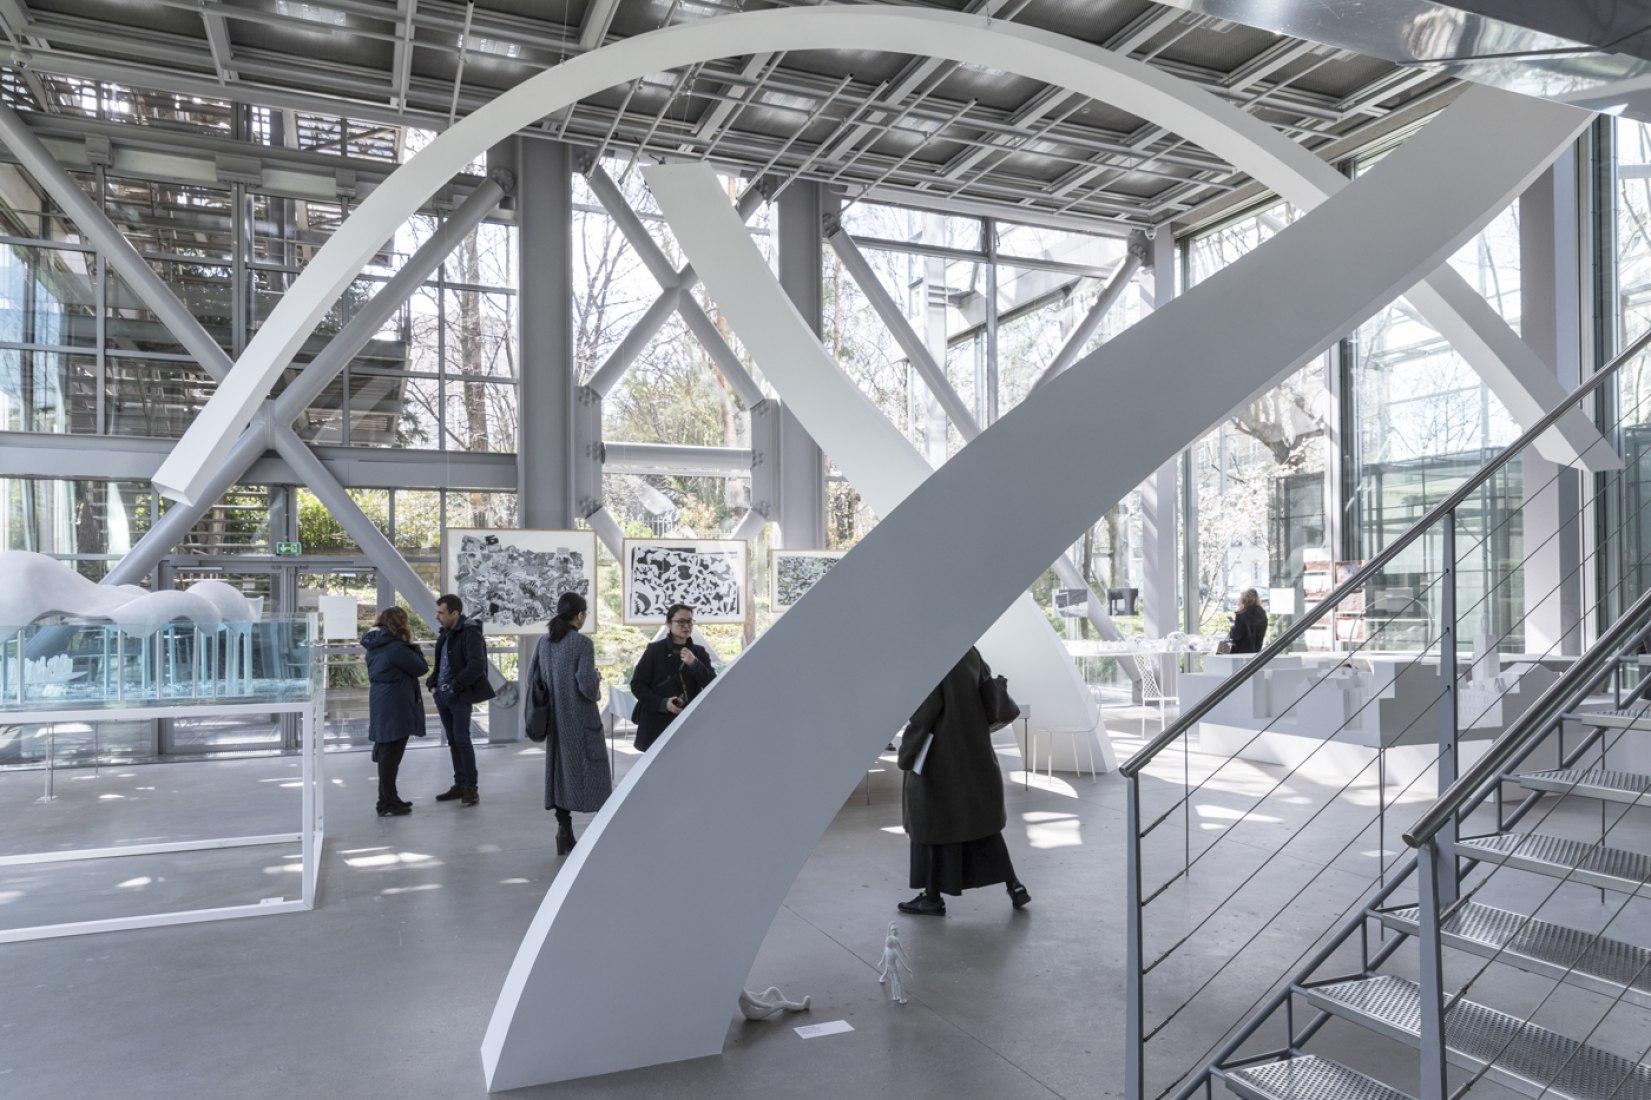 Inauguración de Freeing Architecture sobre Junya Ishigami. Fotografía © Laurian Ghinitoiu